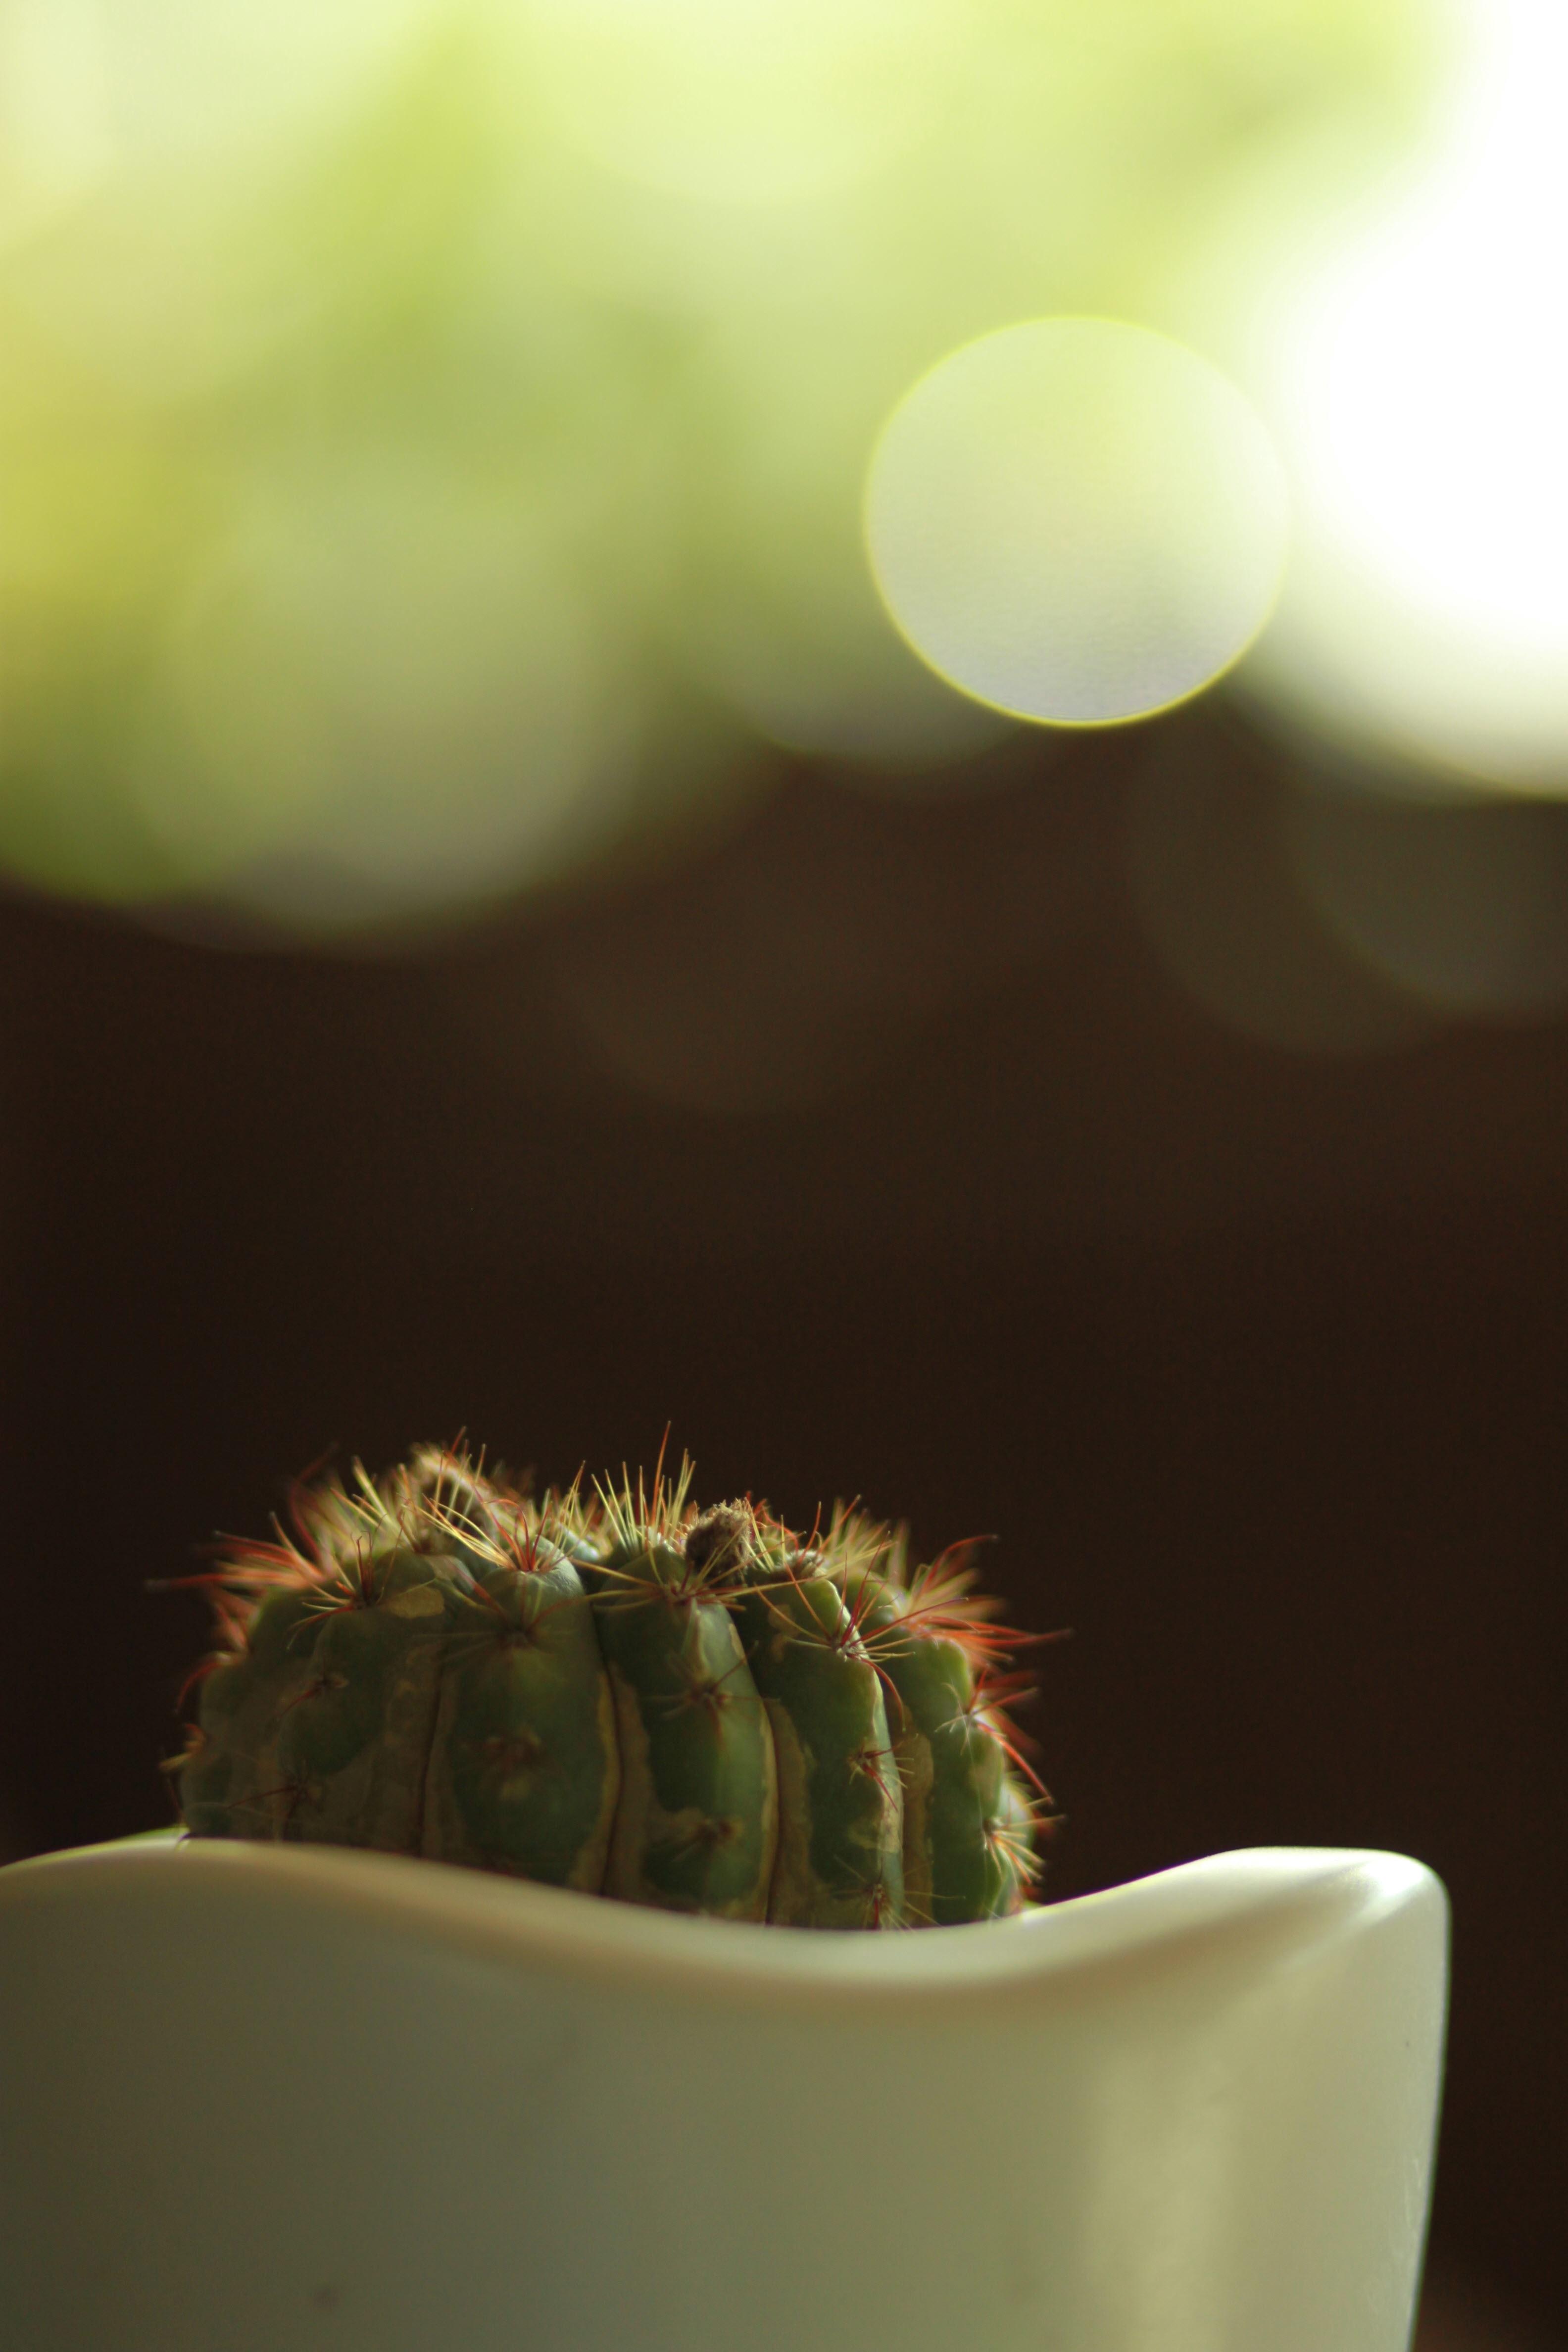 121888 descargar fondo de pantalla Flores, Cactus, Cacto, Mordaz, Espinoso, De Cerca, Primer Plano, Maceta, Olla, Bokeh, Boquet: protectores de pantalla e imágenes gratis